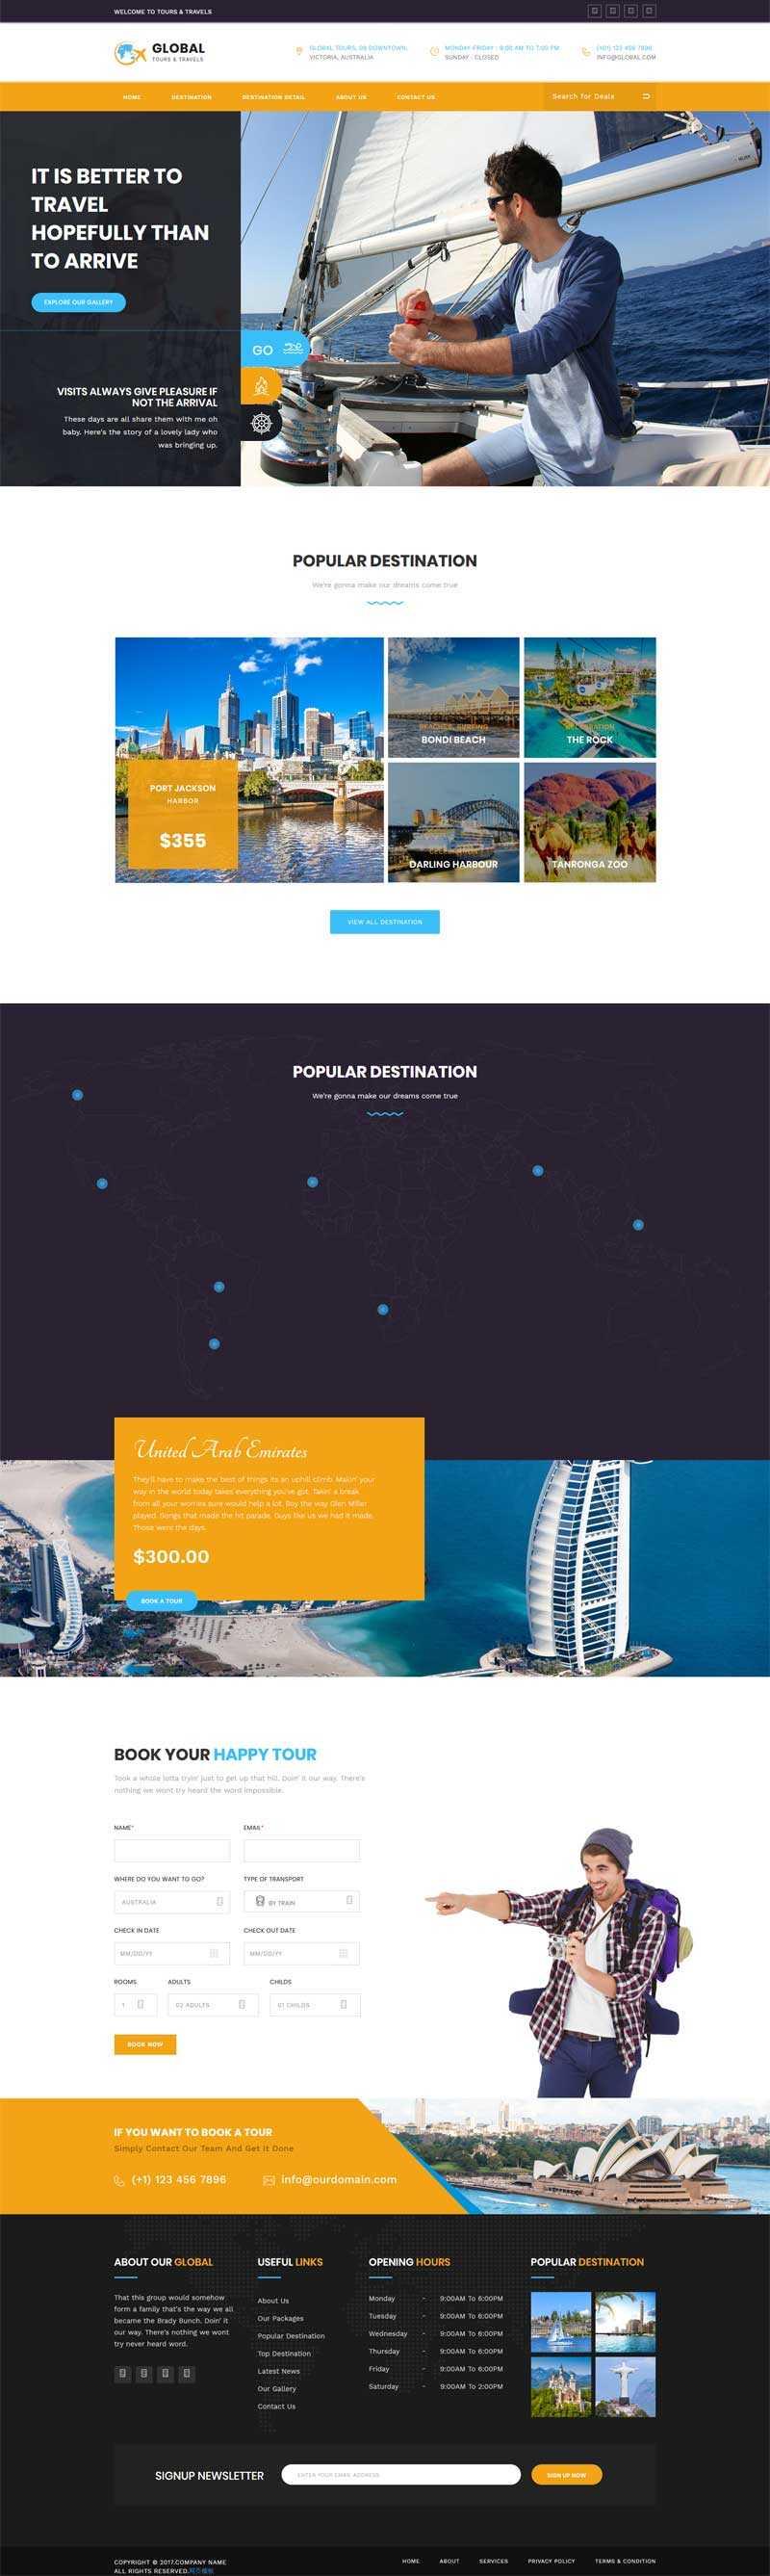 黄色响应式的旅游服务指南网站模板